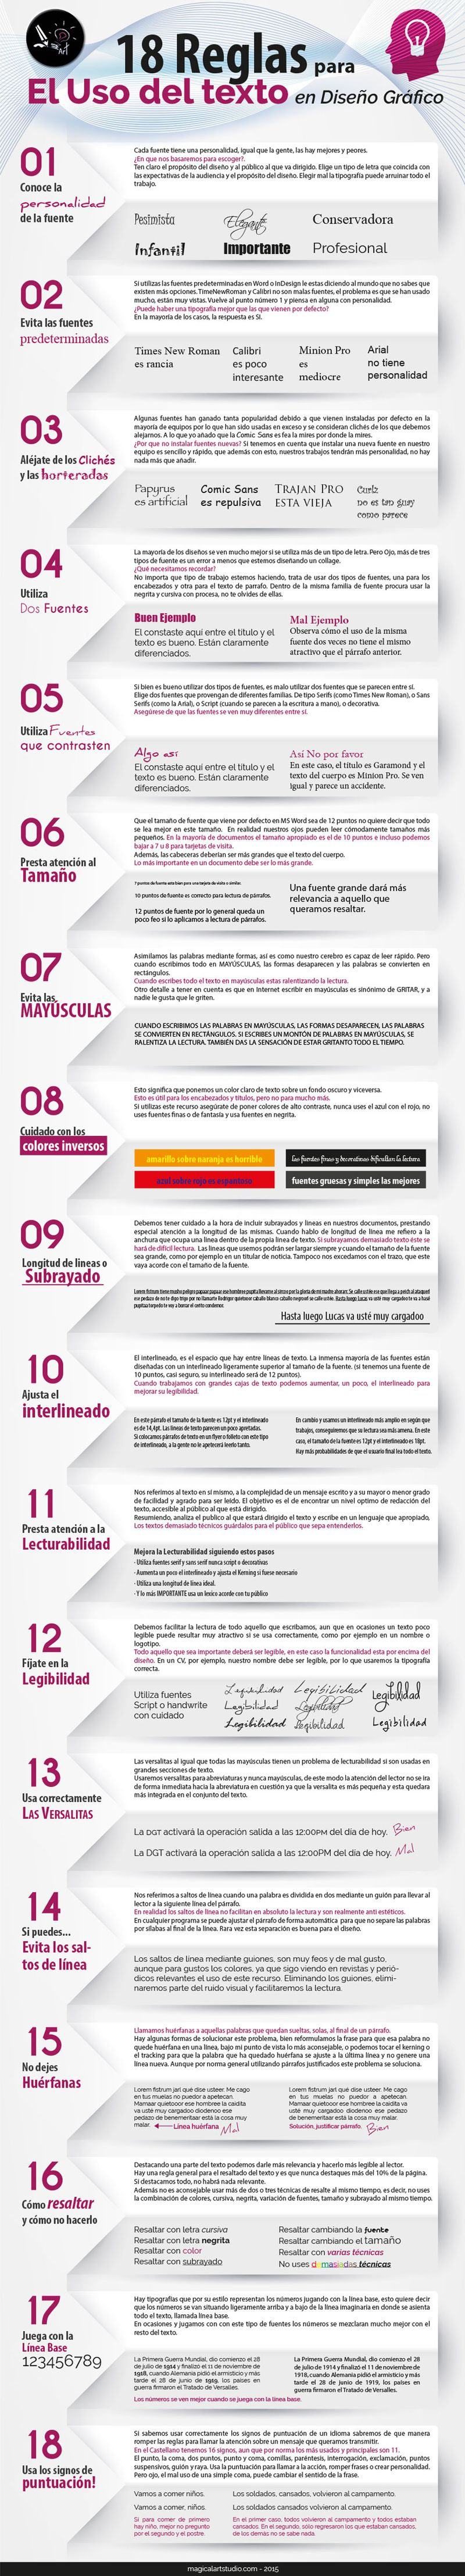 Claves para el uso del texto en el Diseño Gráfico (infografía)